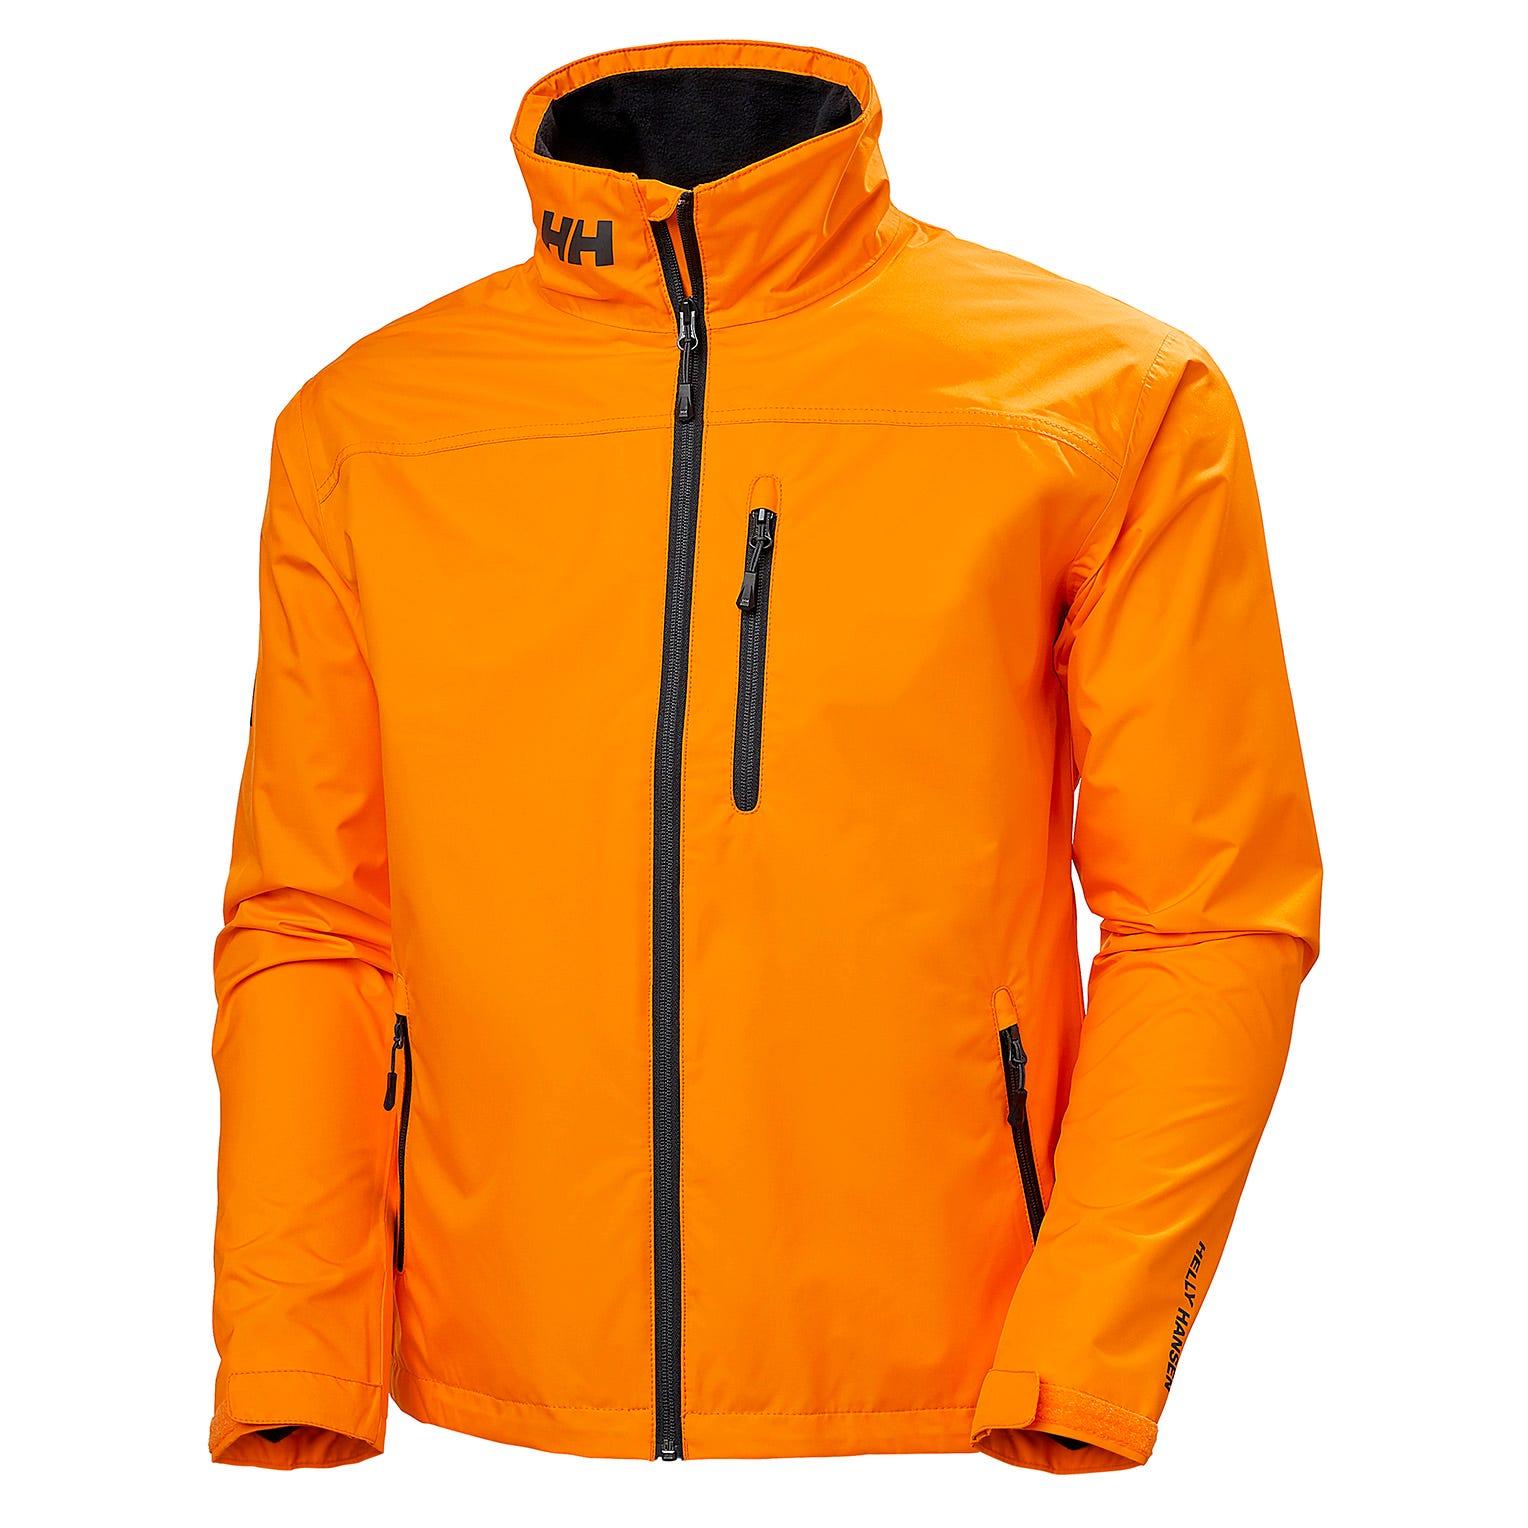 Helly Hansen Mens Sailing Jacket Orange XL